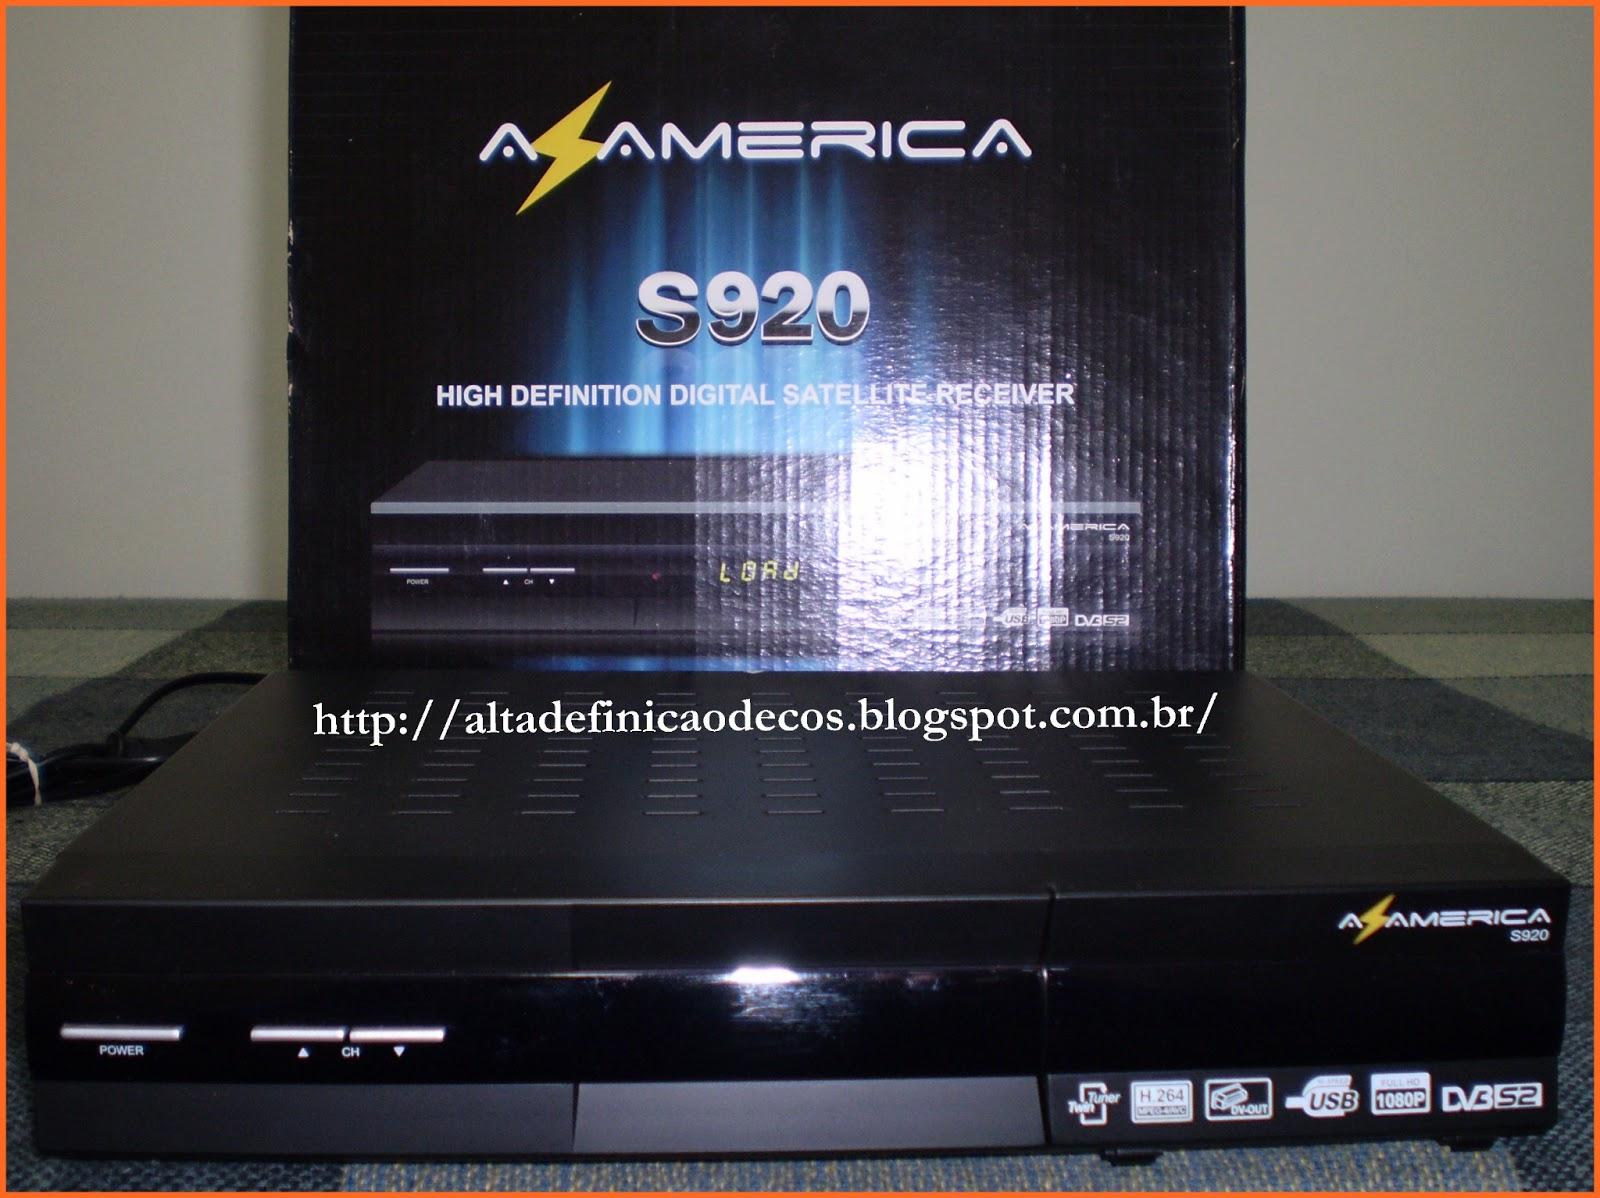 SOLUÇÃO AZAMERICA S920 TRANSFORMADO EM TOCOMSAT